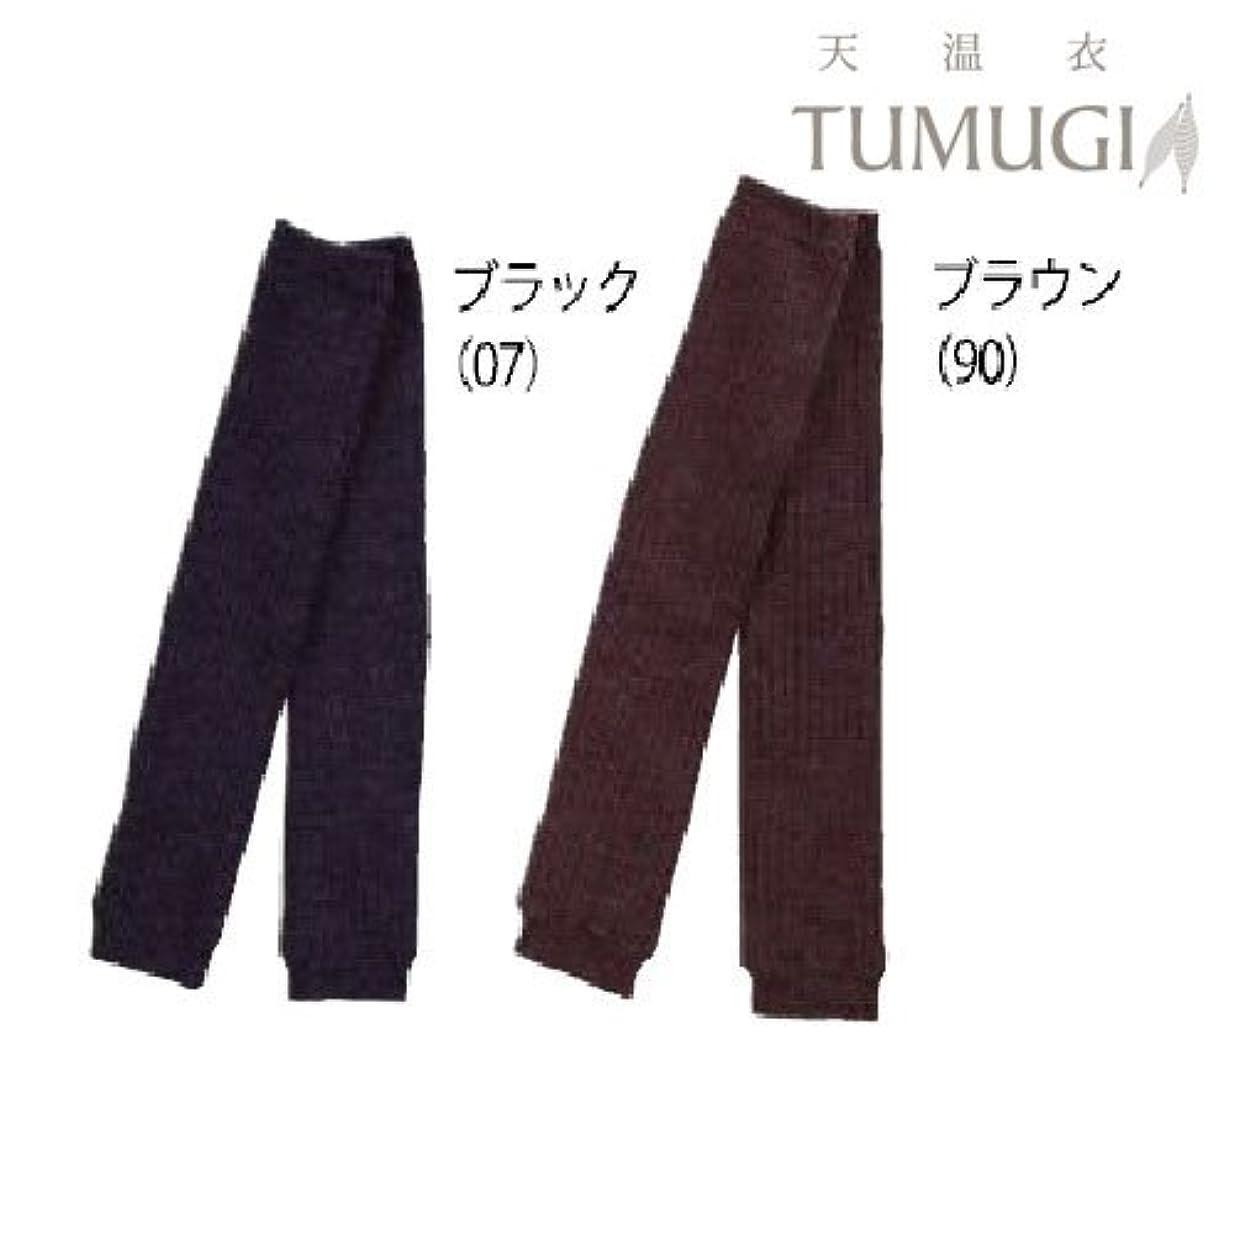 喜んで織機イノセンス天温衣TUMUGI  ウールとシルクの2重編みレッグウォーマー (ブラック(黒))